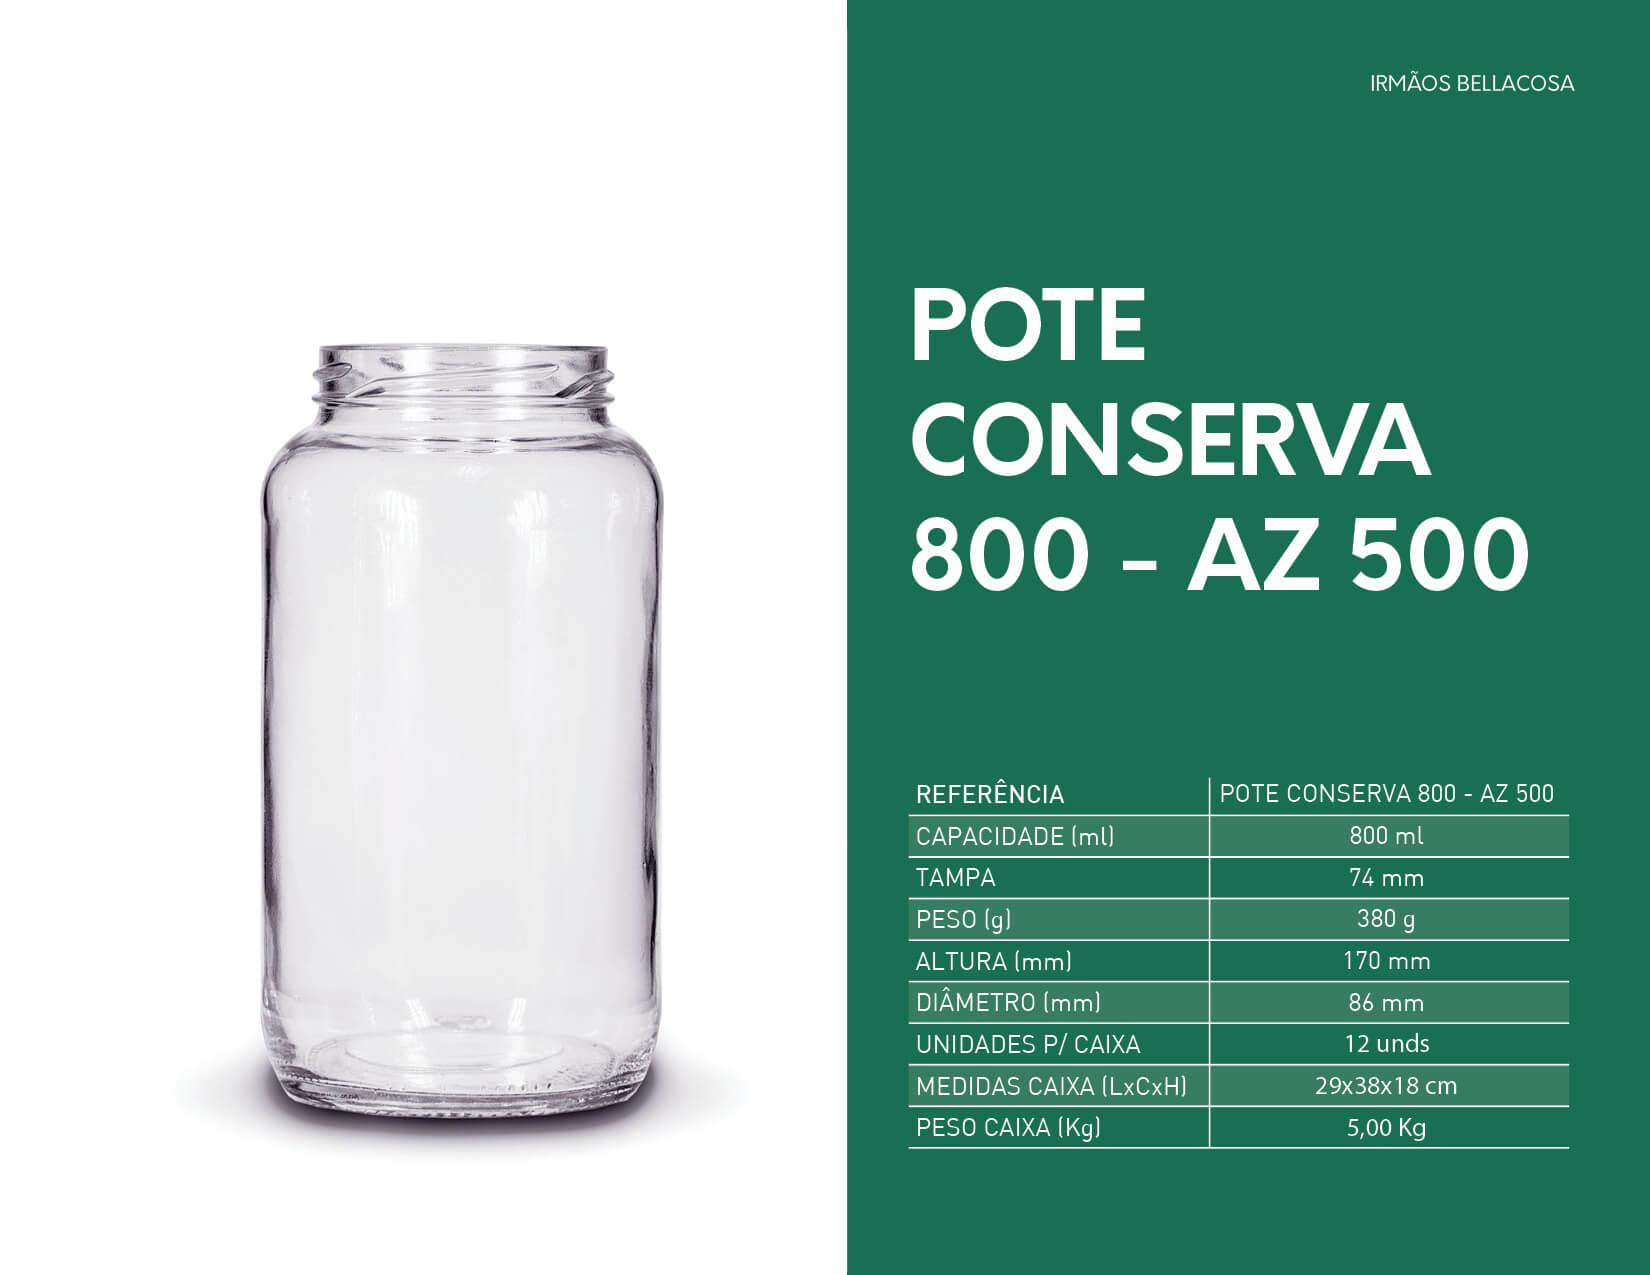 003-Pote-Conserva-800-AZ500-irmaos-bellacosa-embalagens-de-vidro